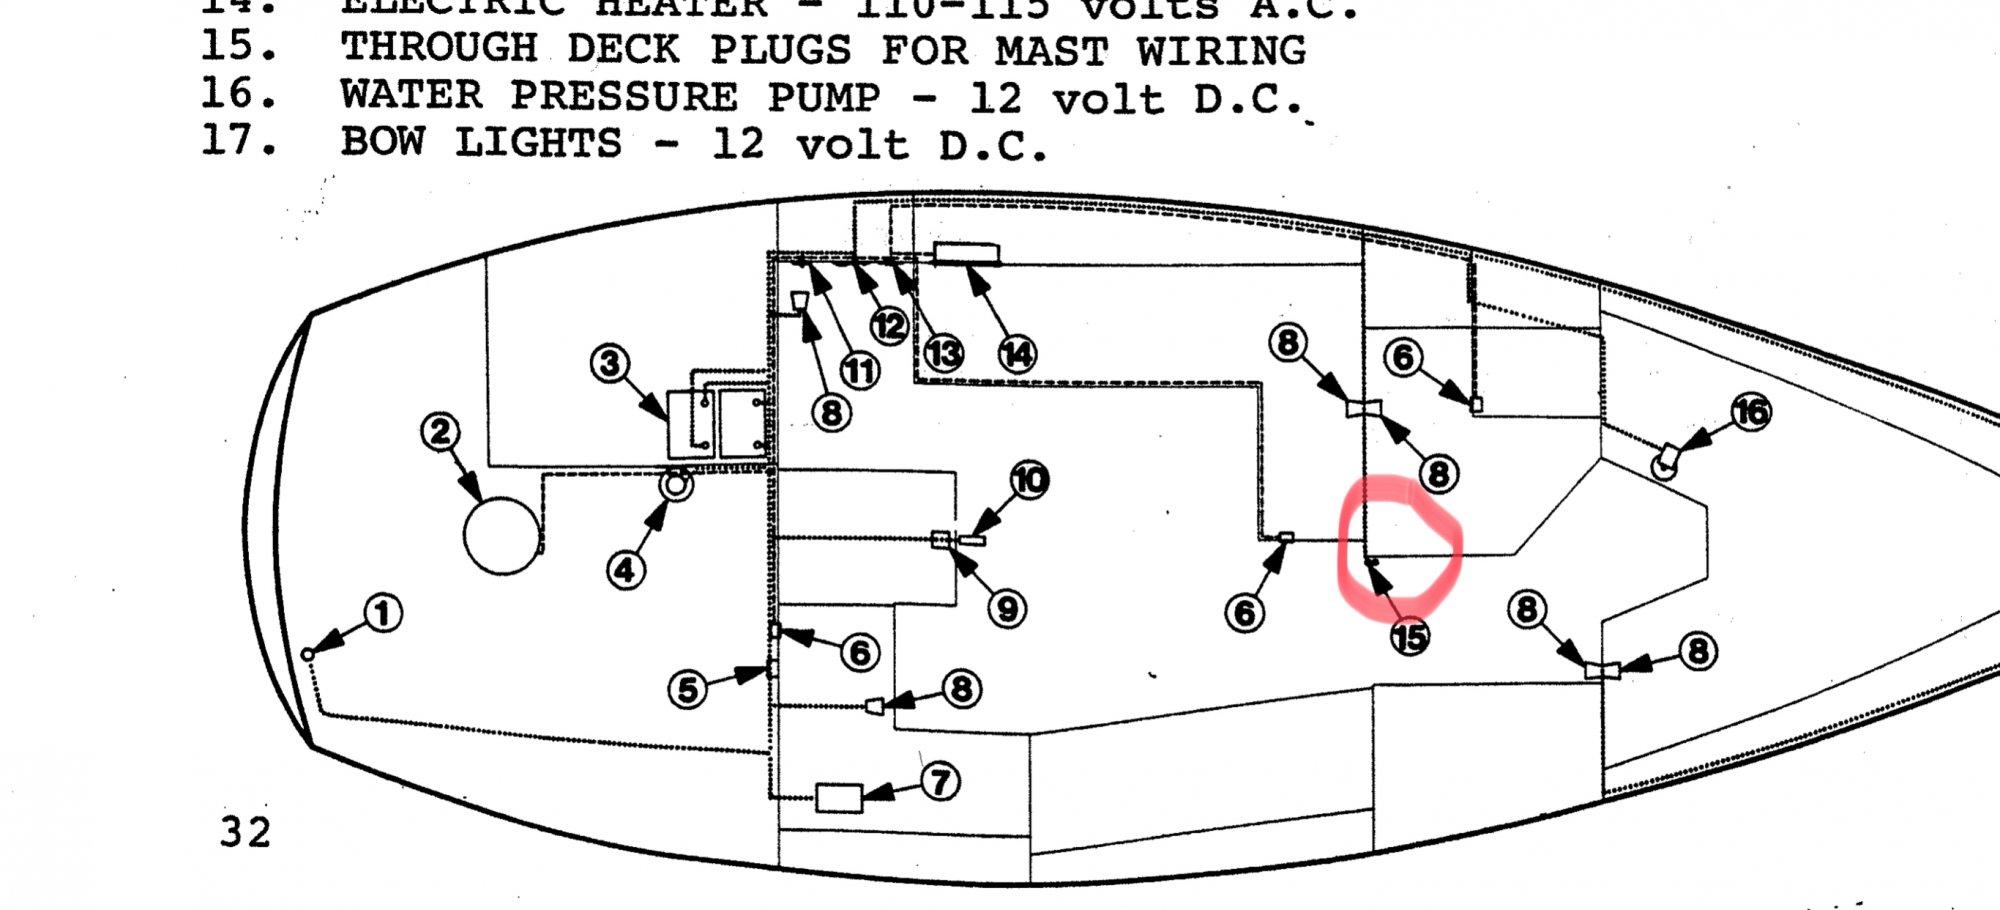 BB9D964C-6F17-44B2-95BB-F8006EF3B46A.jpeg